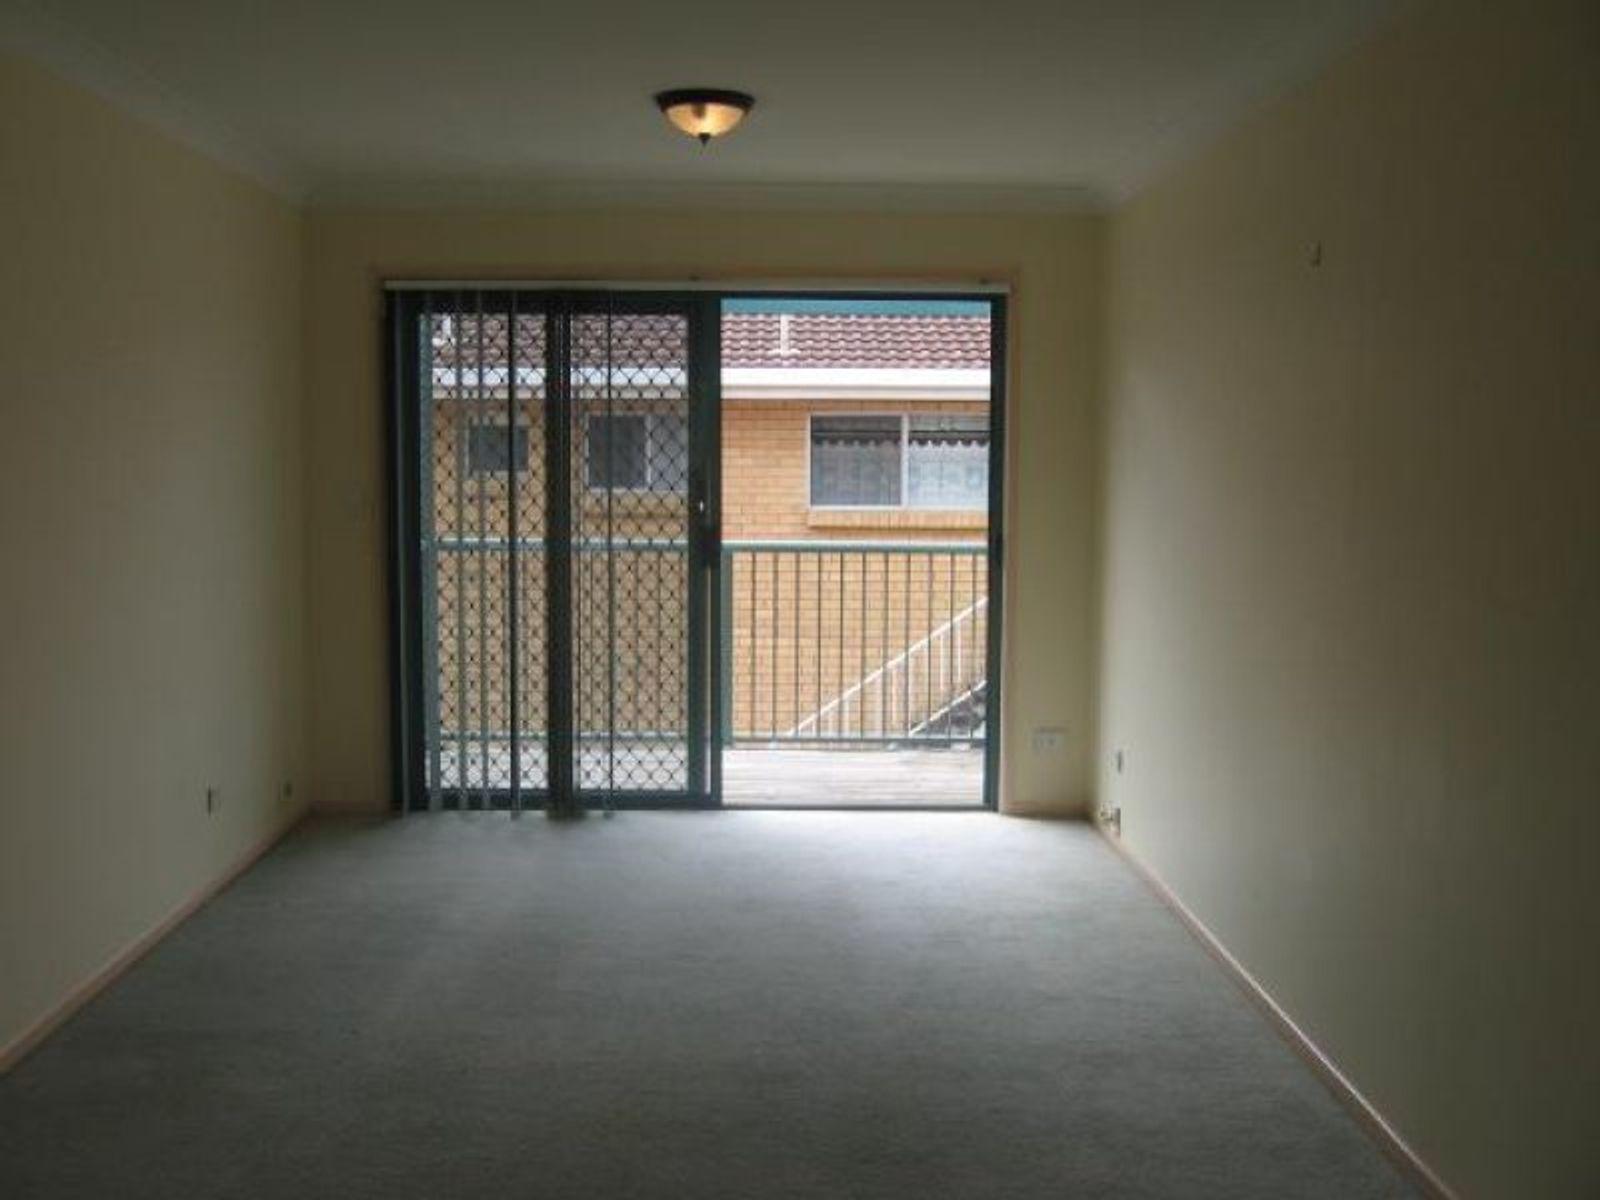 4/12 Mary Avenue, Broadbeach, QLD 4218